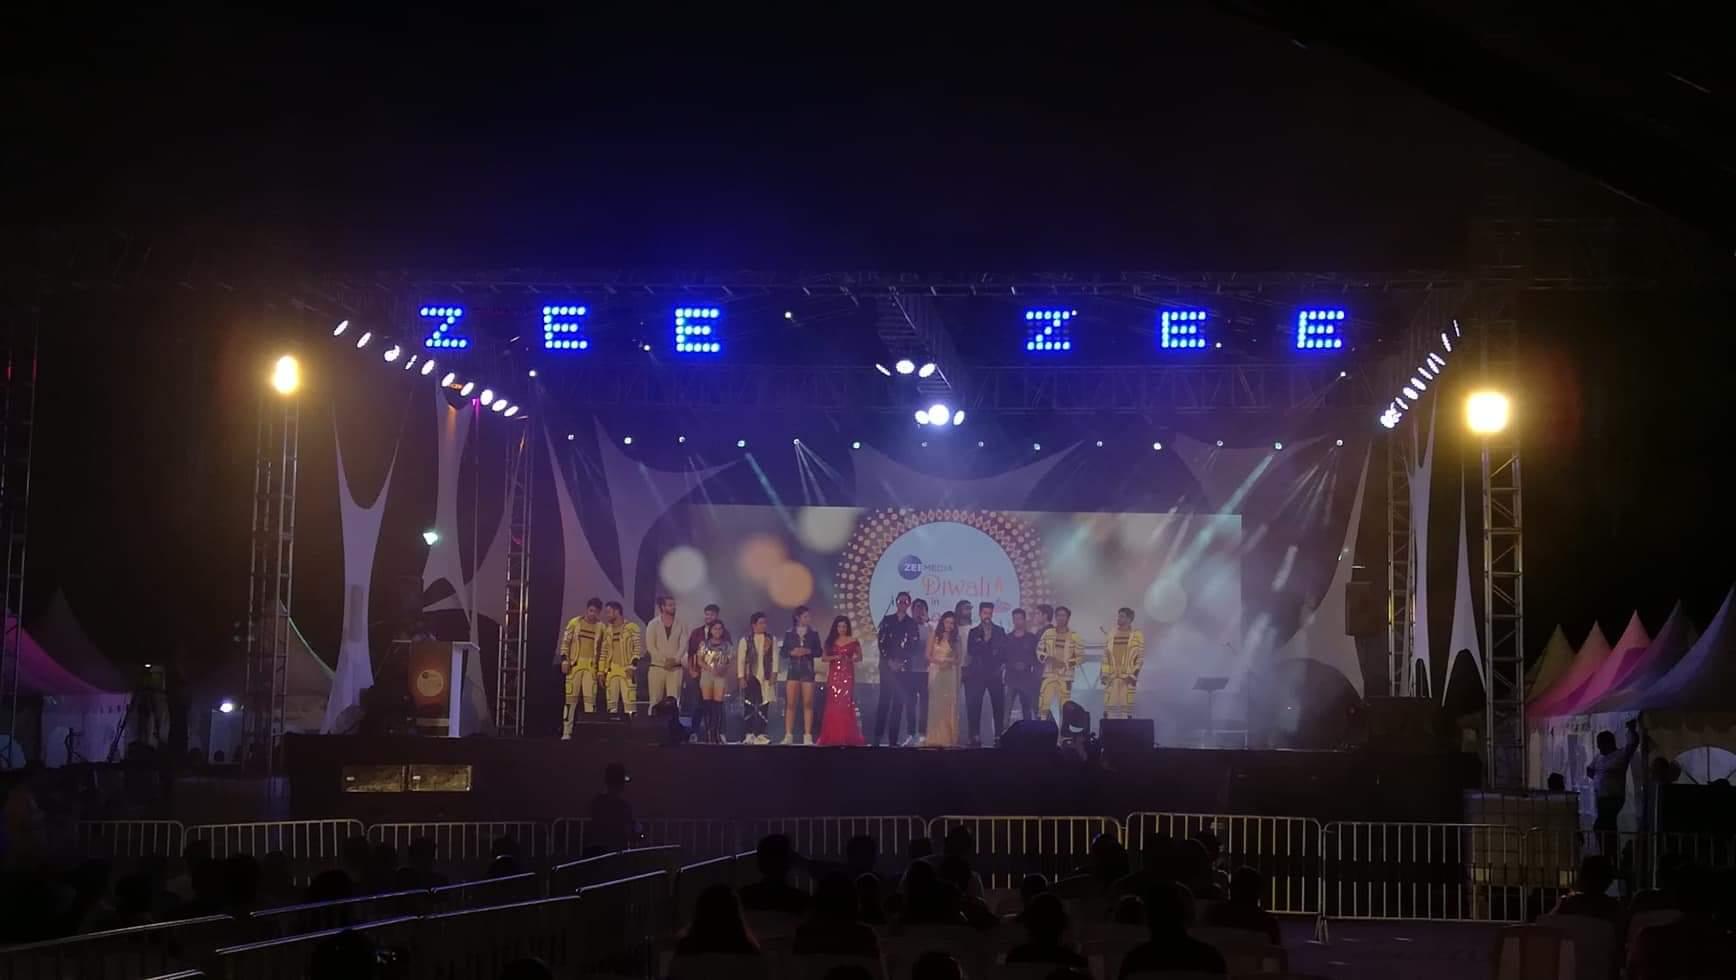 [Vidéo] Le show Zee Tv à Triolet avec les frères Soomaroo